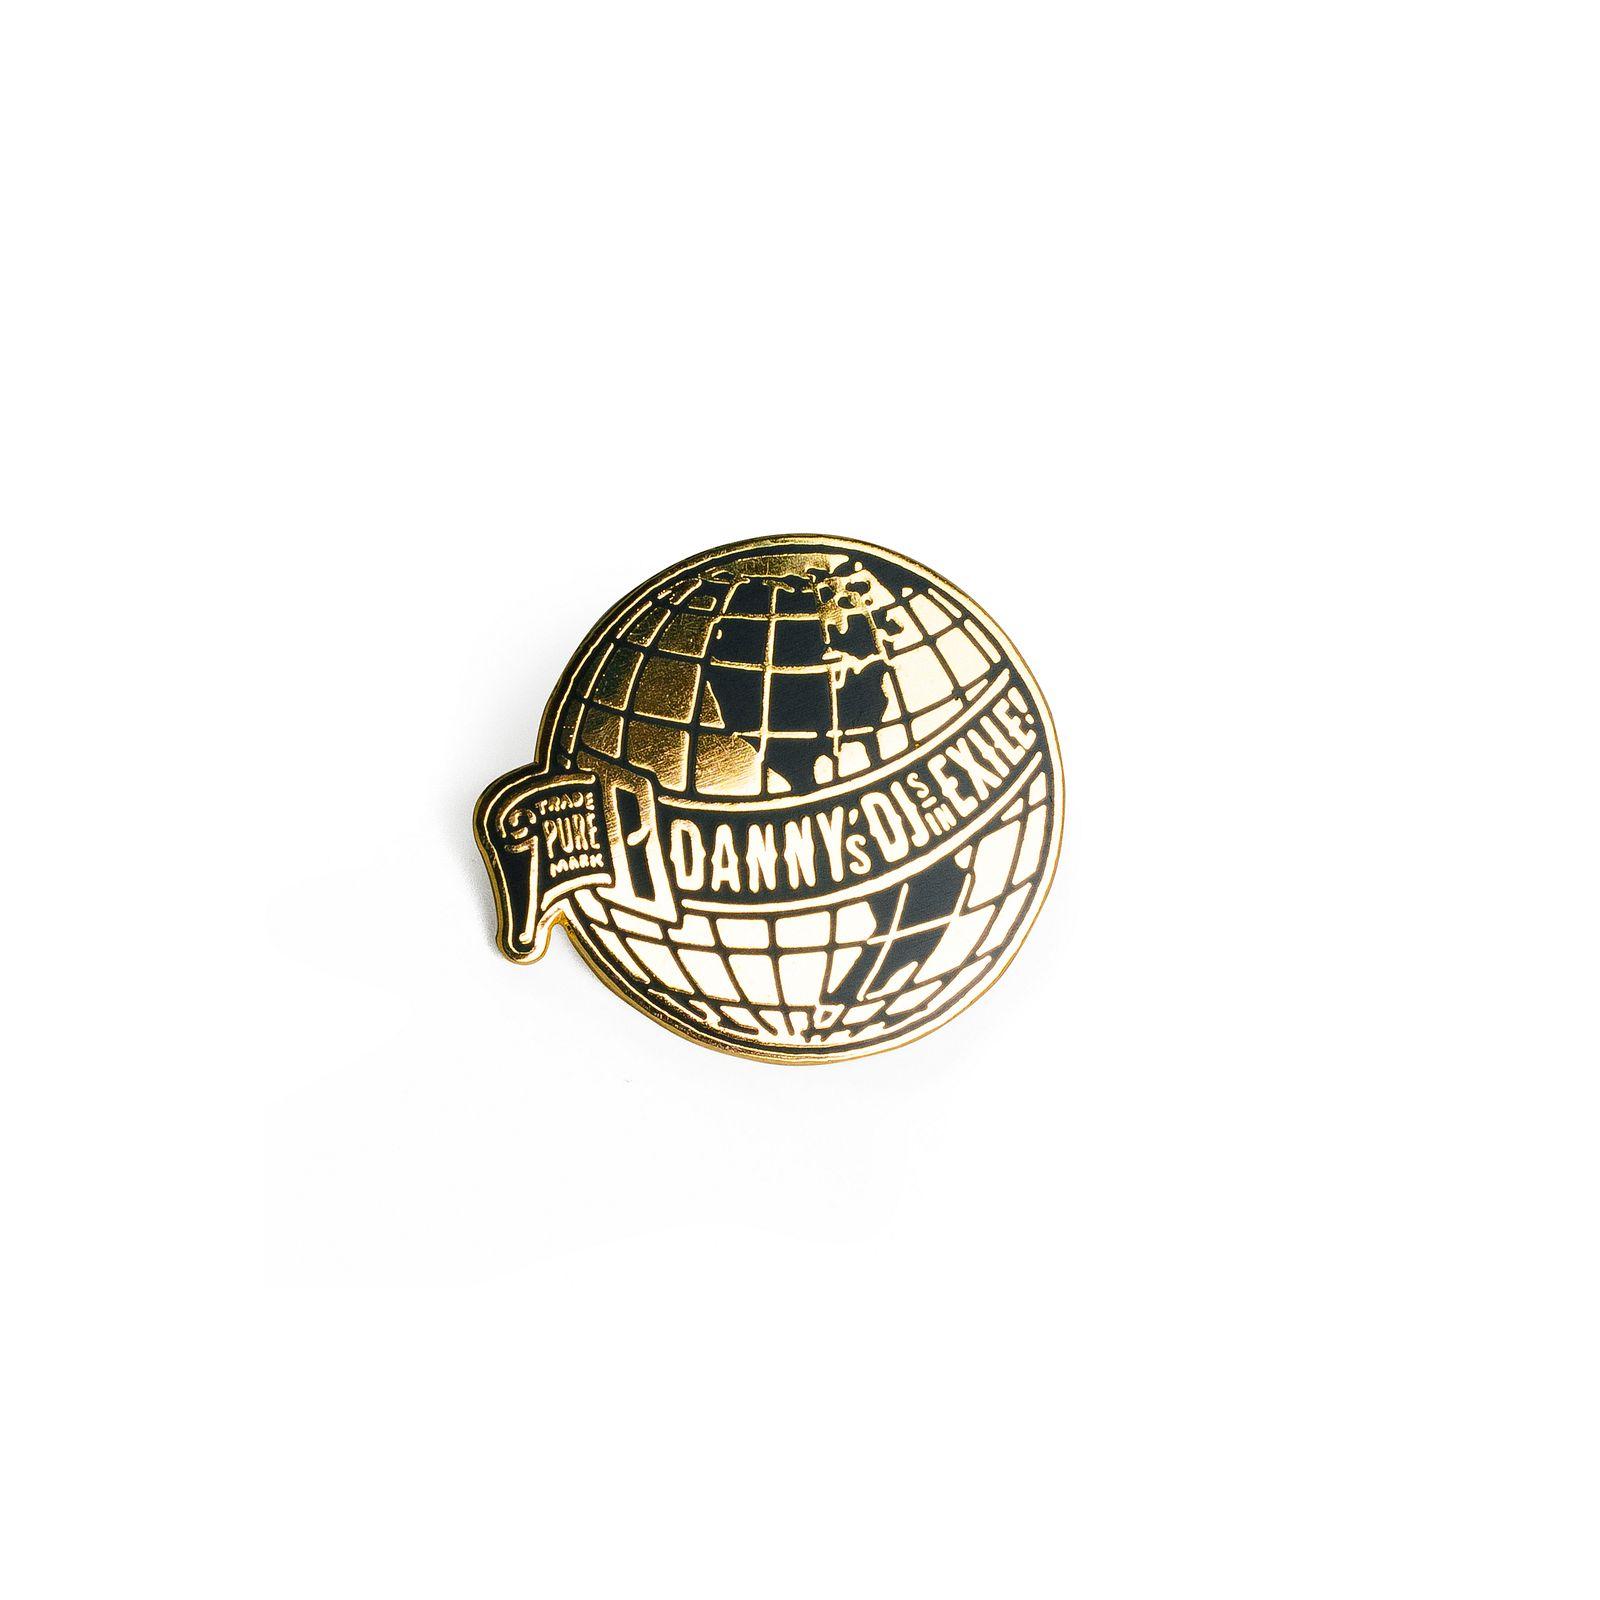 Danny's DJs in Exile Globe Pin